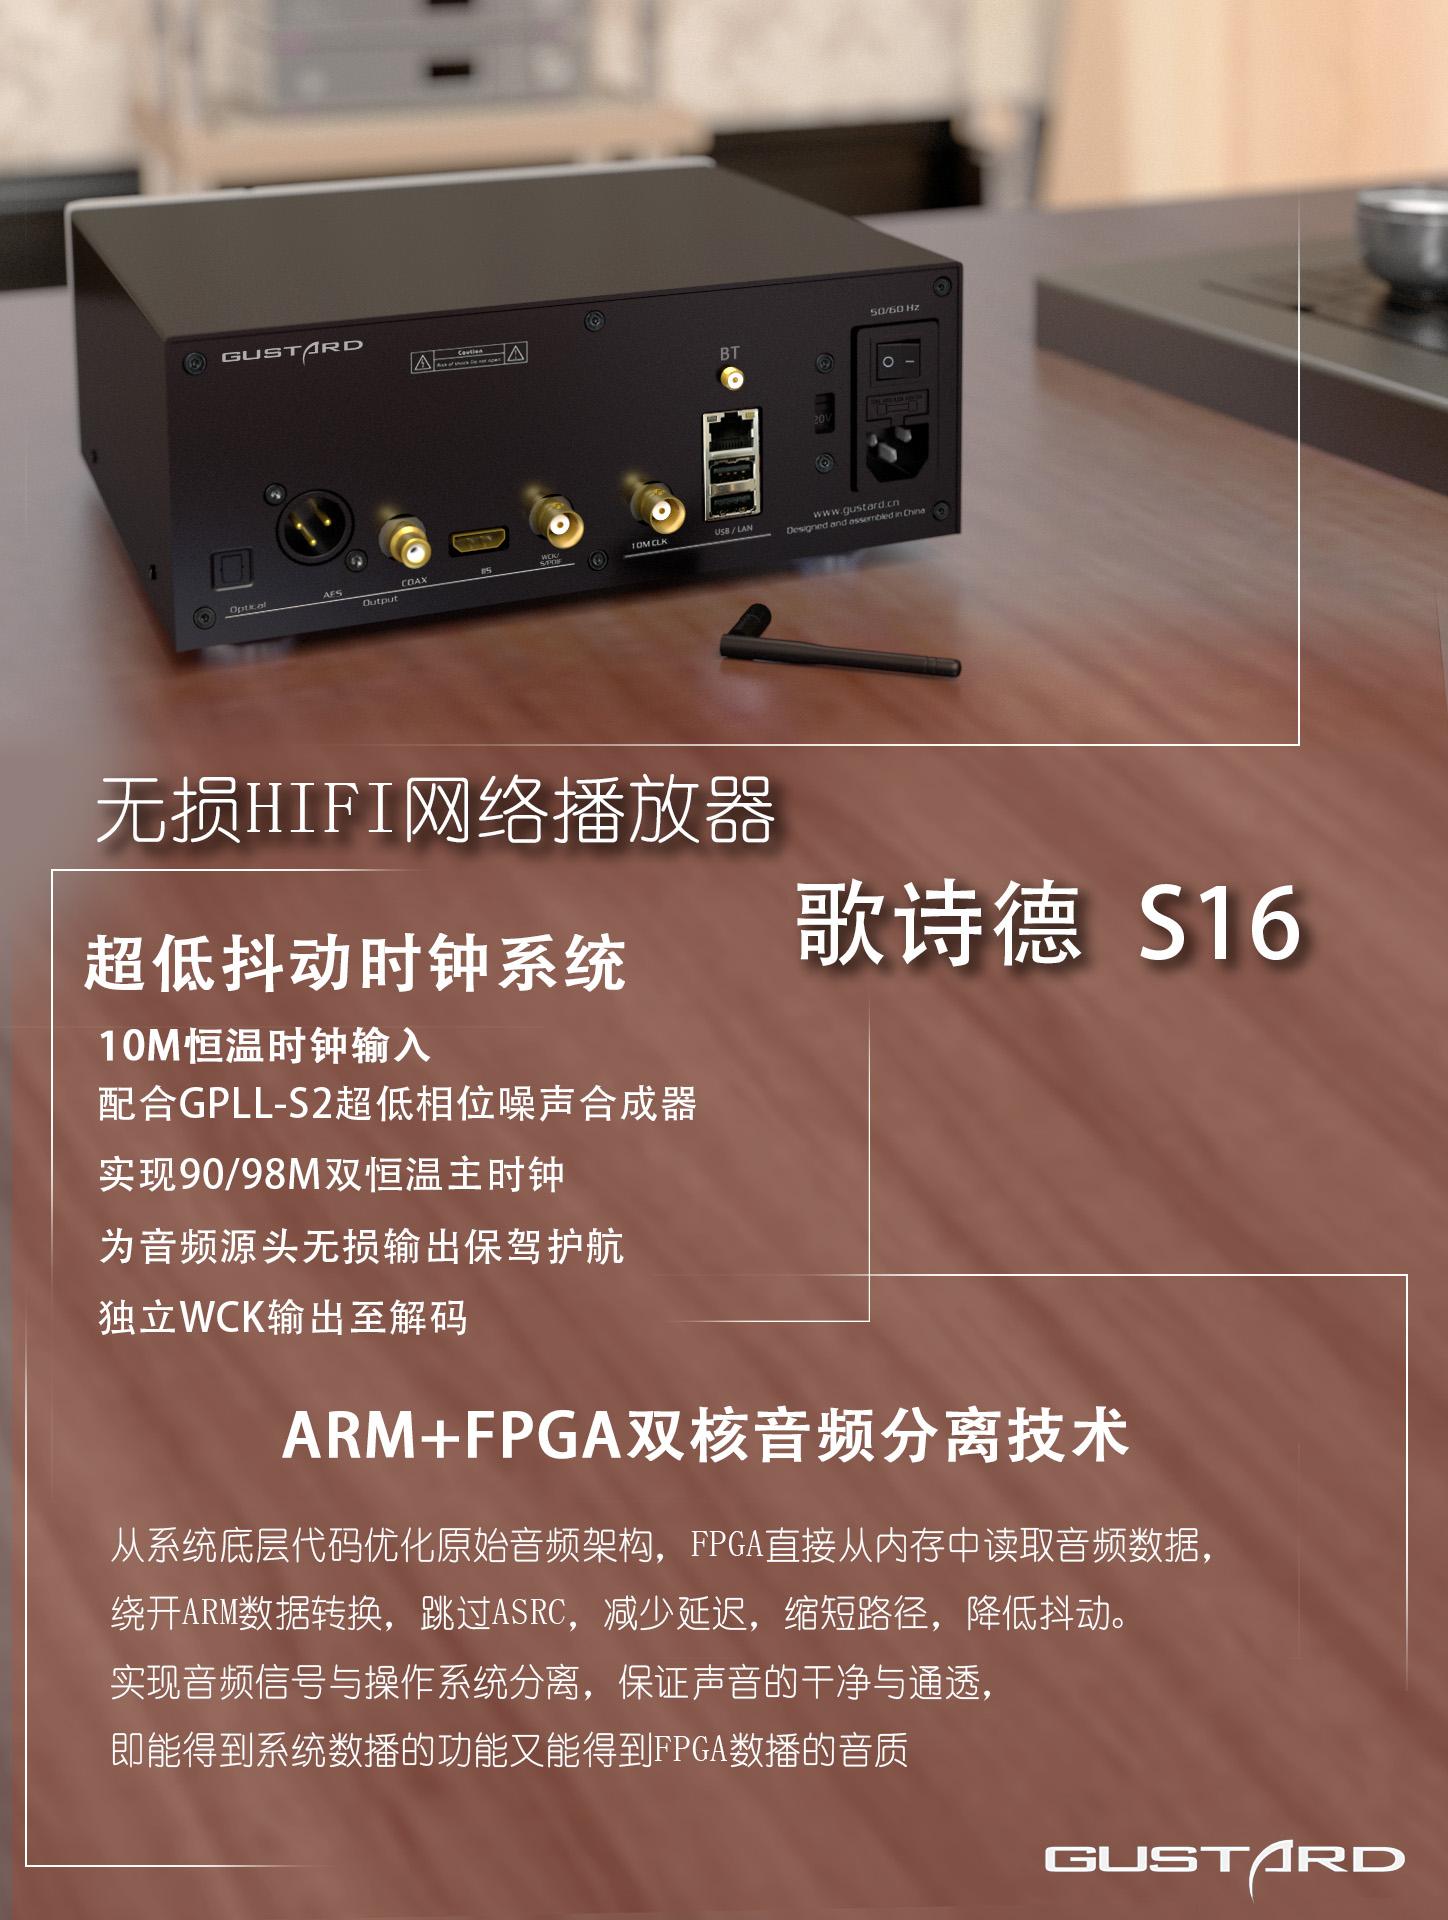 C655FA25-3AF2-408D-863C-119FEB69344A.jpeg